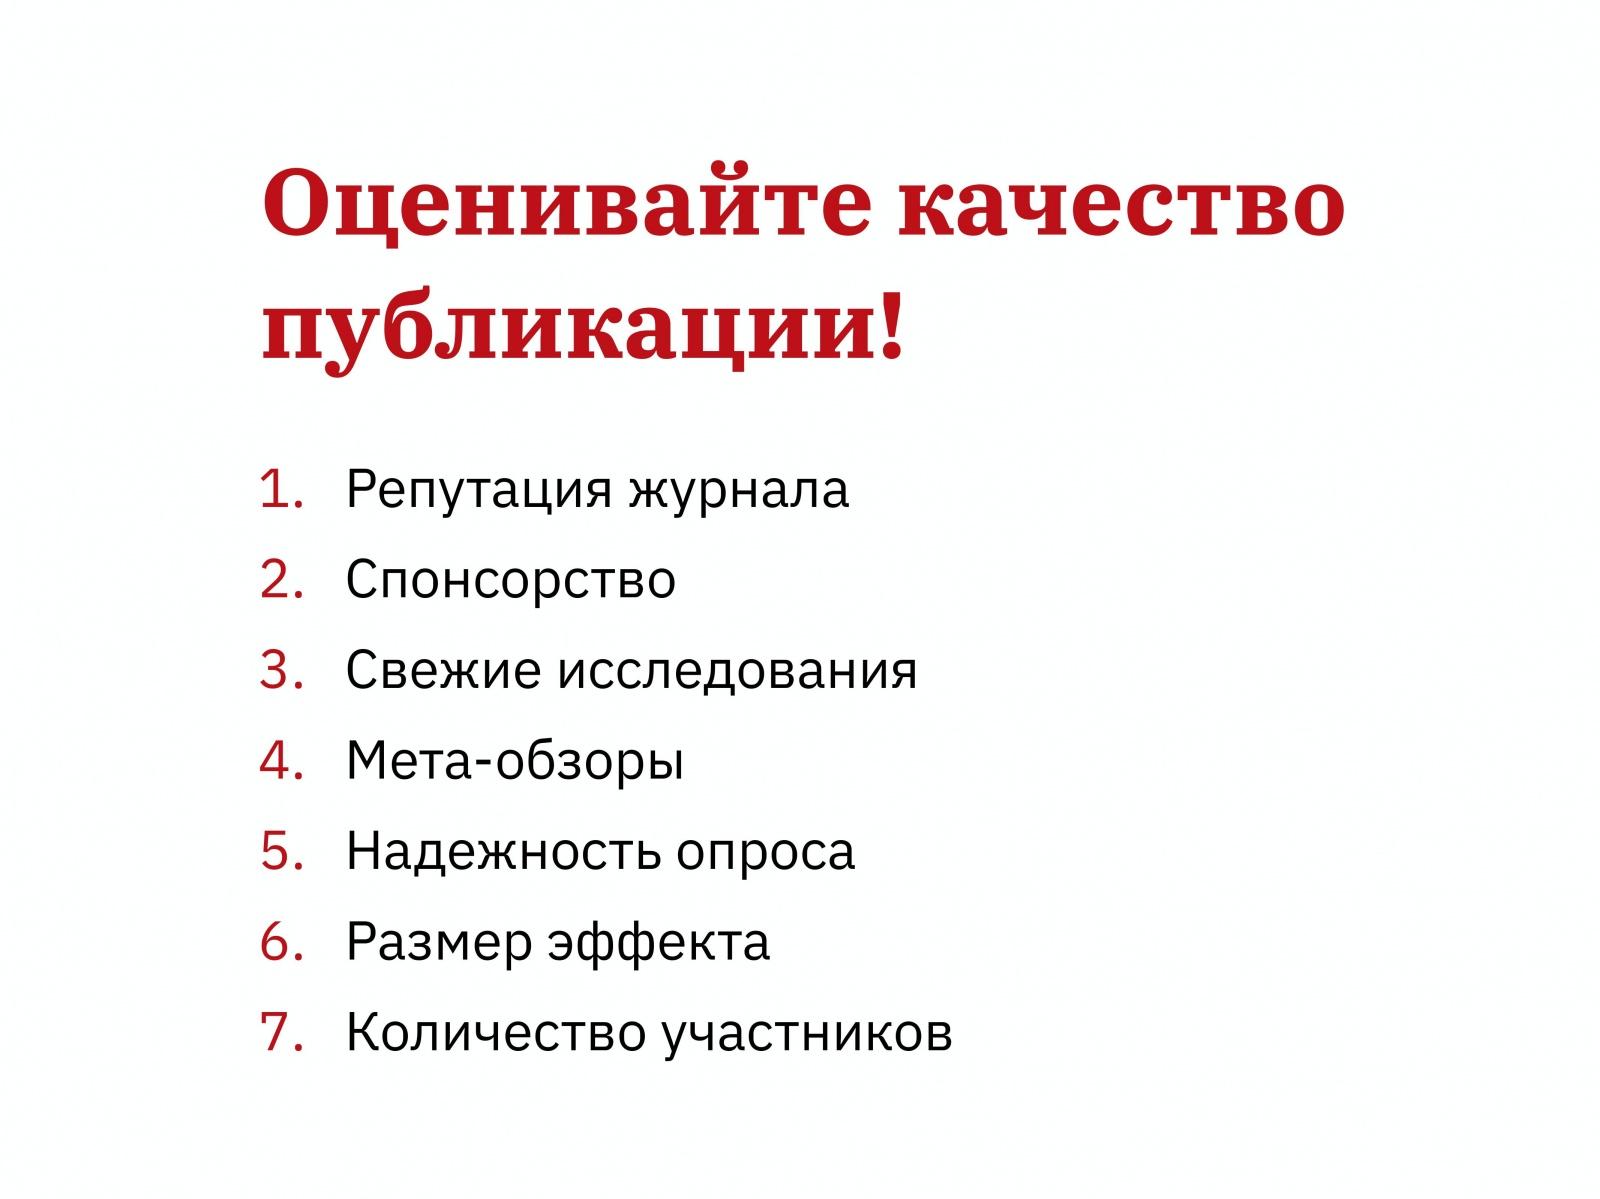 Алексей Каптерев: Критическое мышление 101 (часть 2) - 86